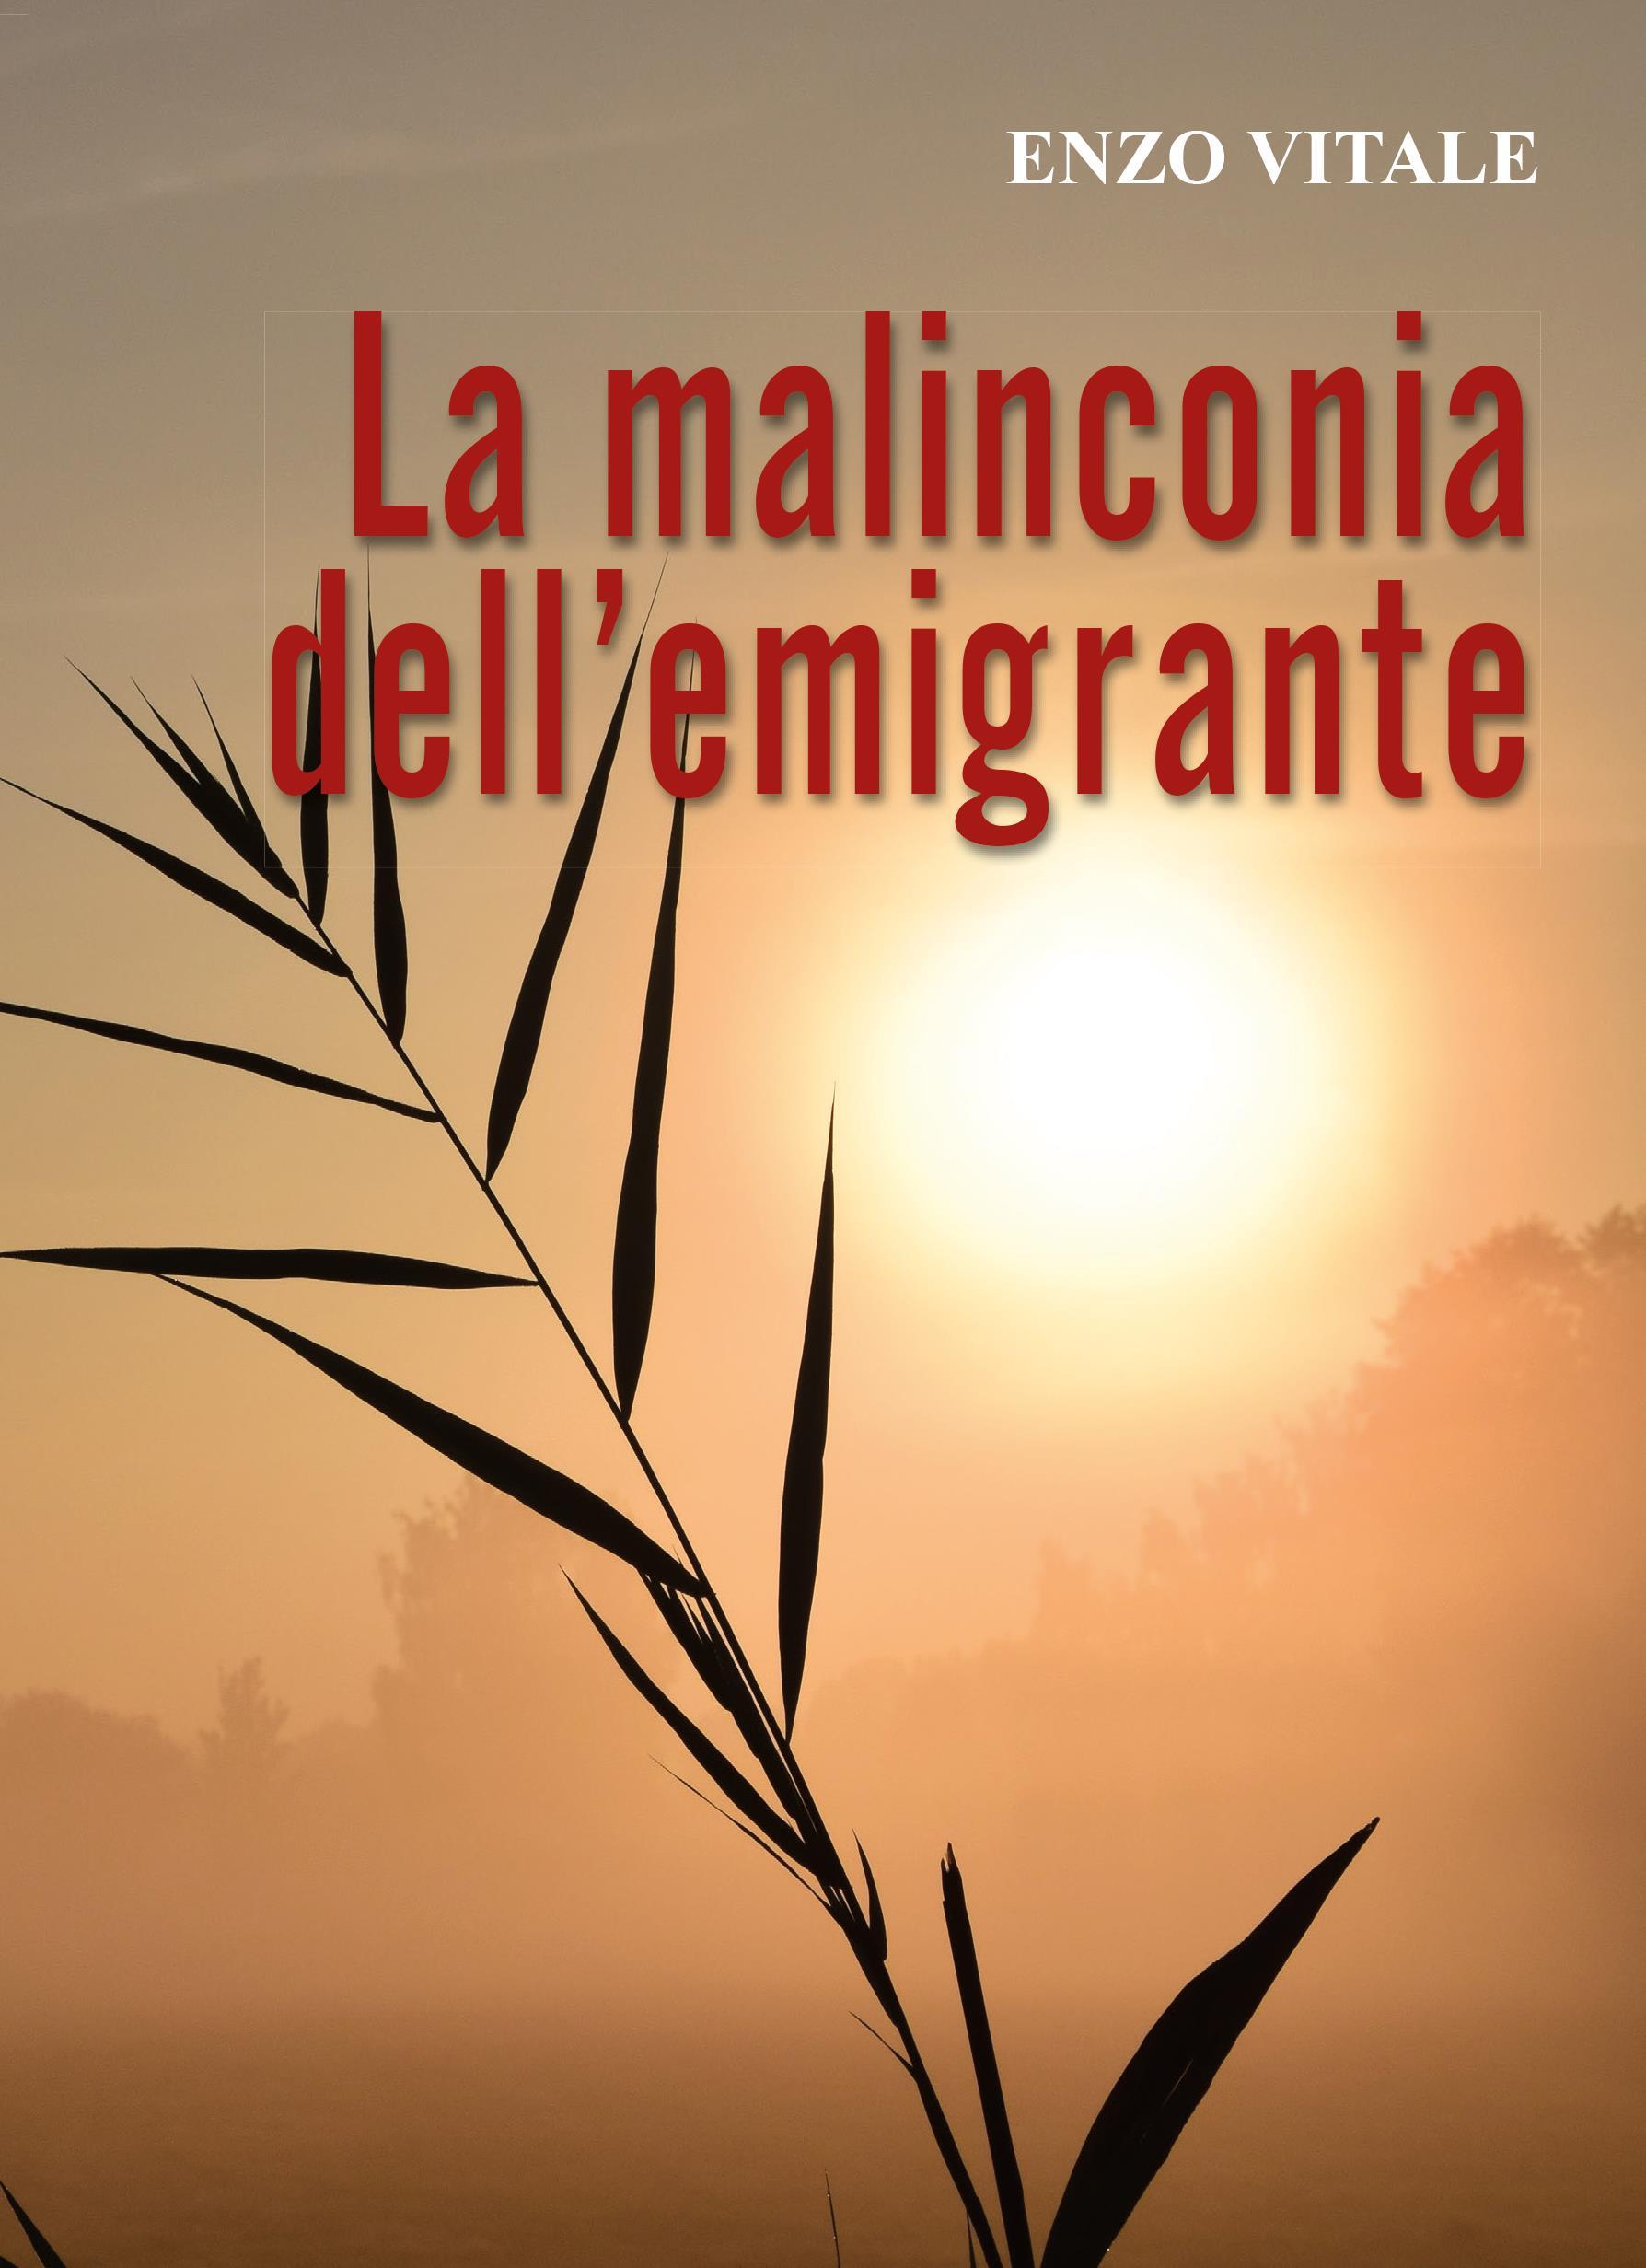 La Malinconia dell'emigrante